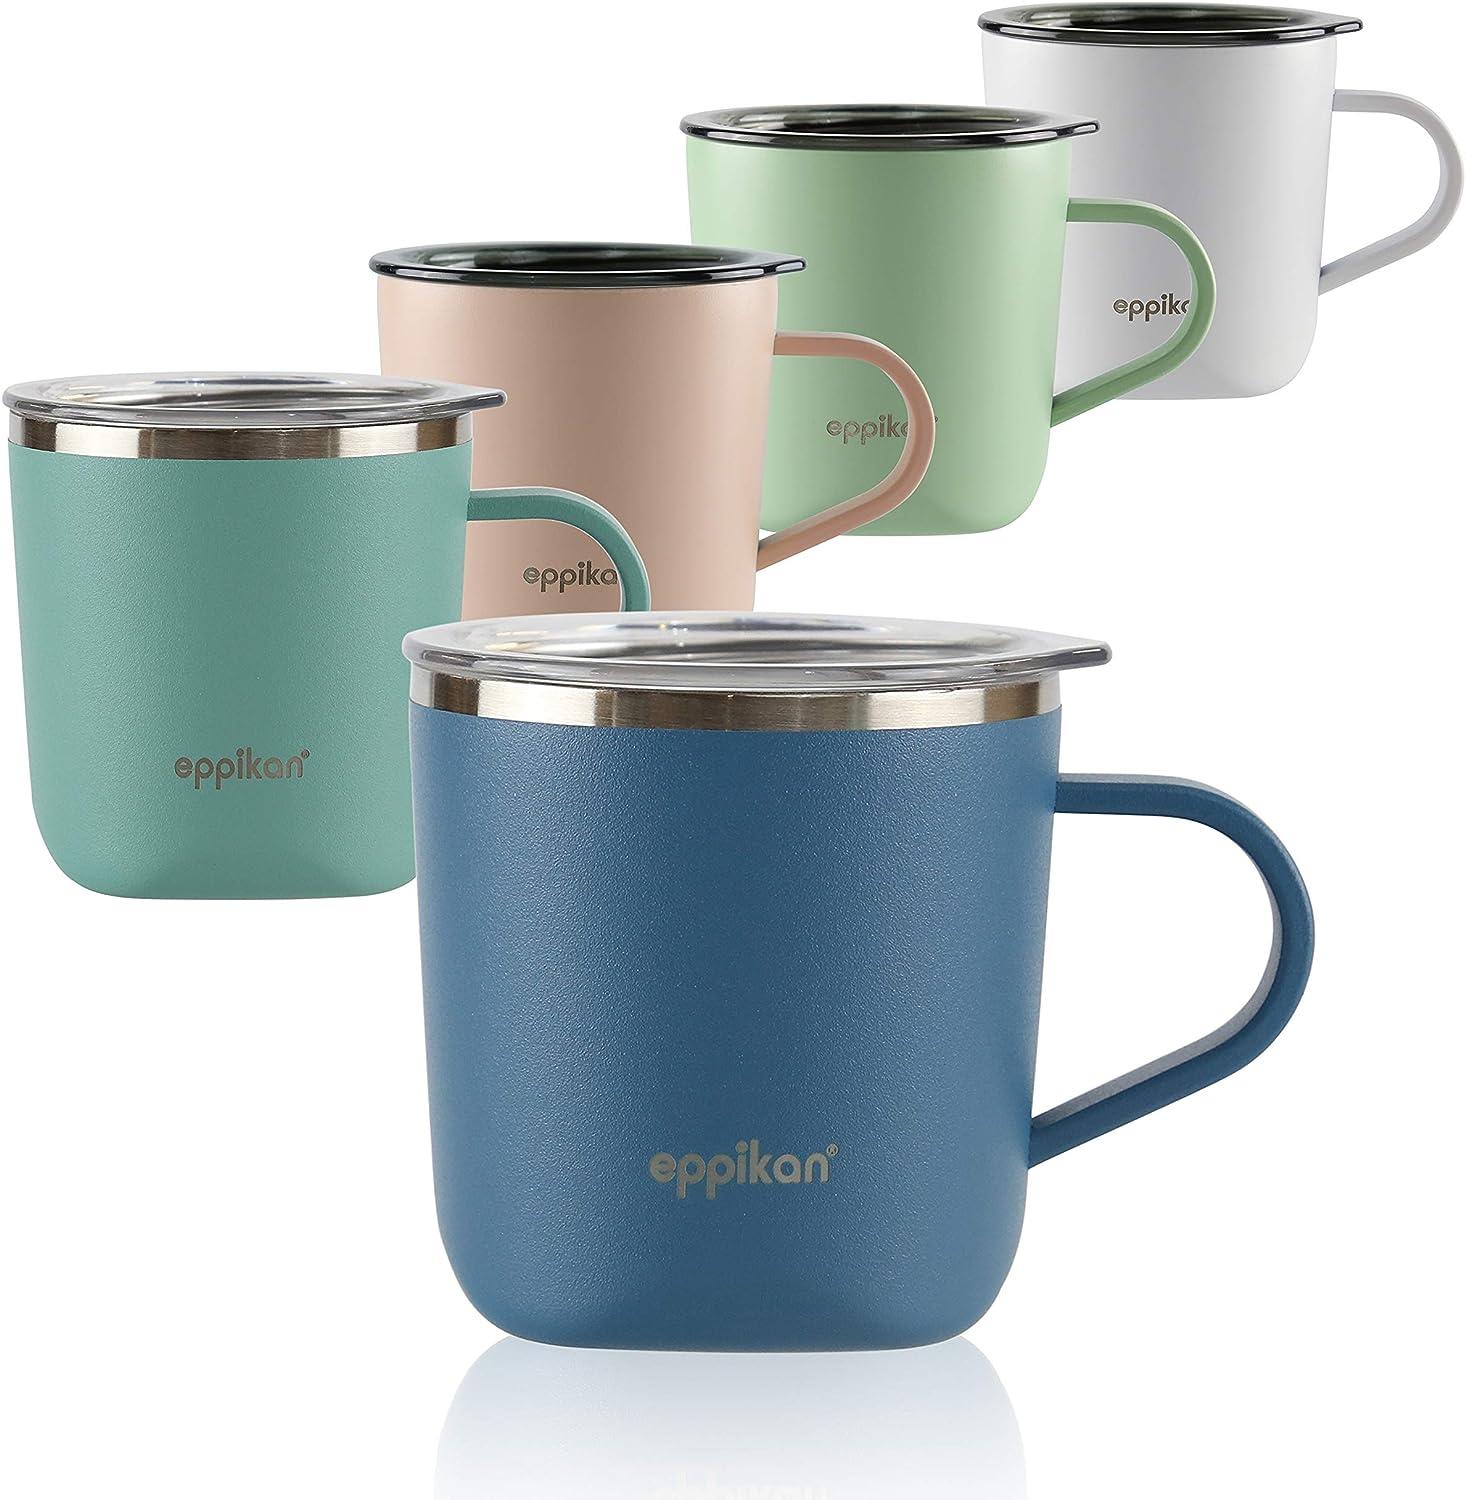 eppikan® EppiLungo Taza termo de acero inoxidable, taza aislada, taza de café, taza de té, taza térmica, 220 ml, 280 ml tapa con abertura para verter (Powder Blue, 220 ml)